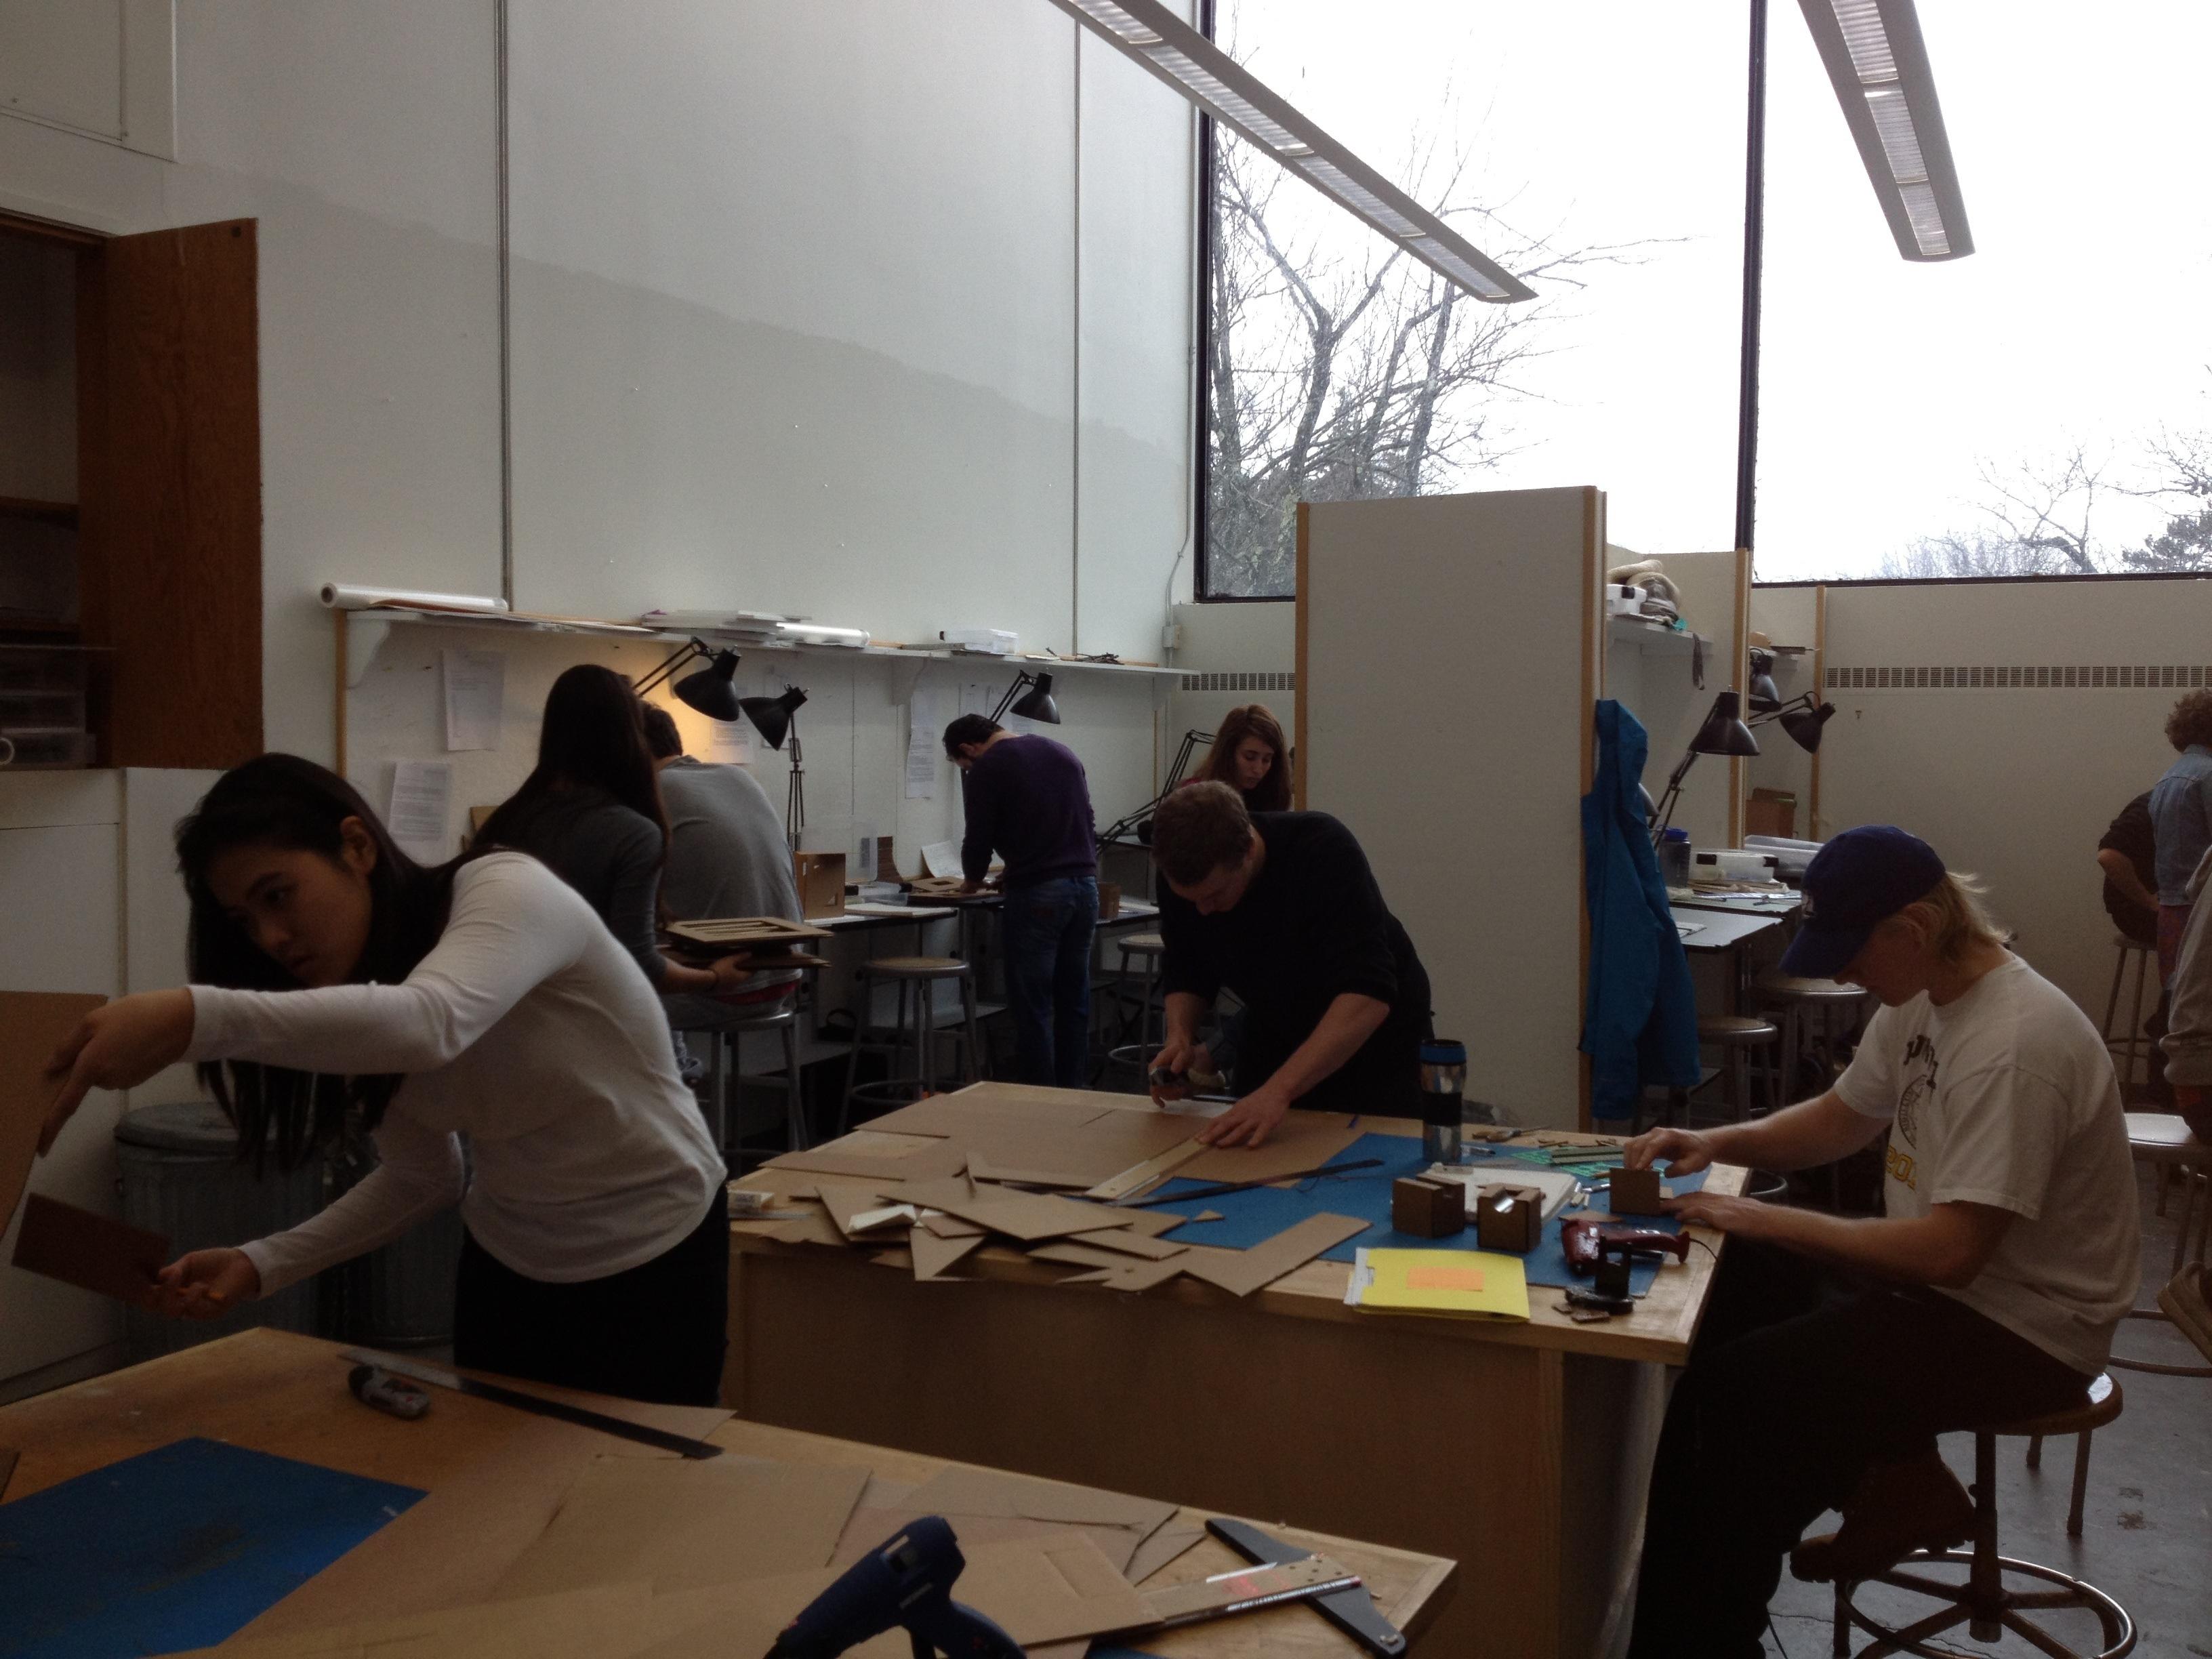 Visual Arts at Bowdoin | A Blog of Events and Activities ...  Visual Arts at ...